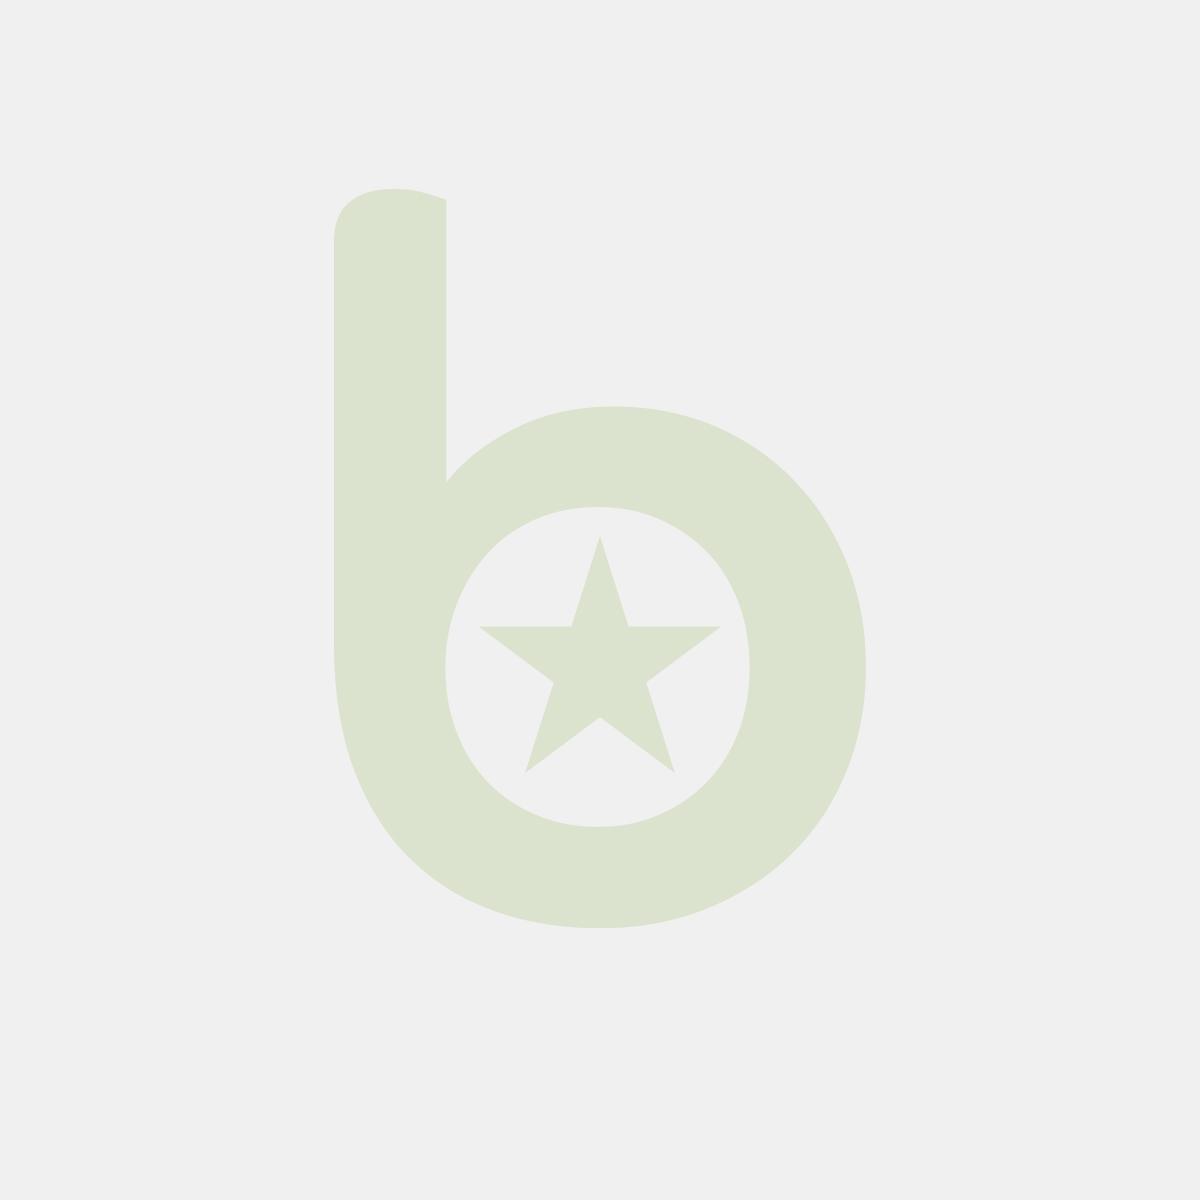 Pojemnik Gn 1/4 Z Chowanymi Uchwytami – 265X162 Mm